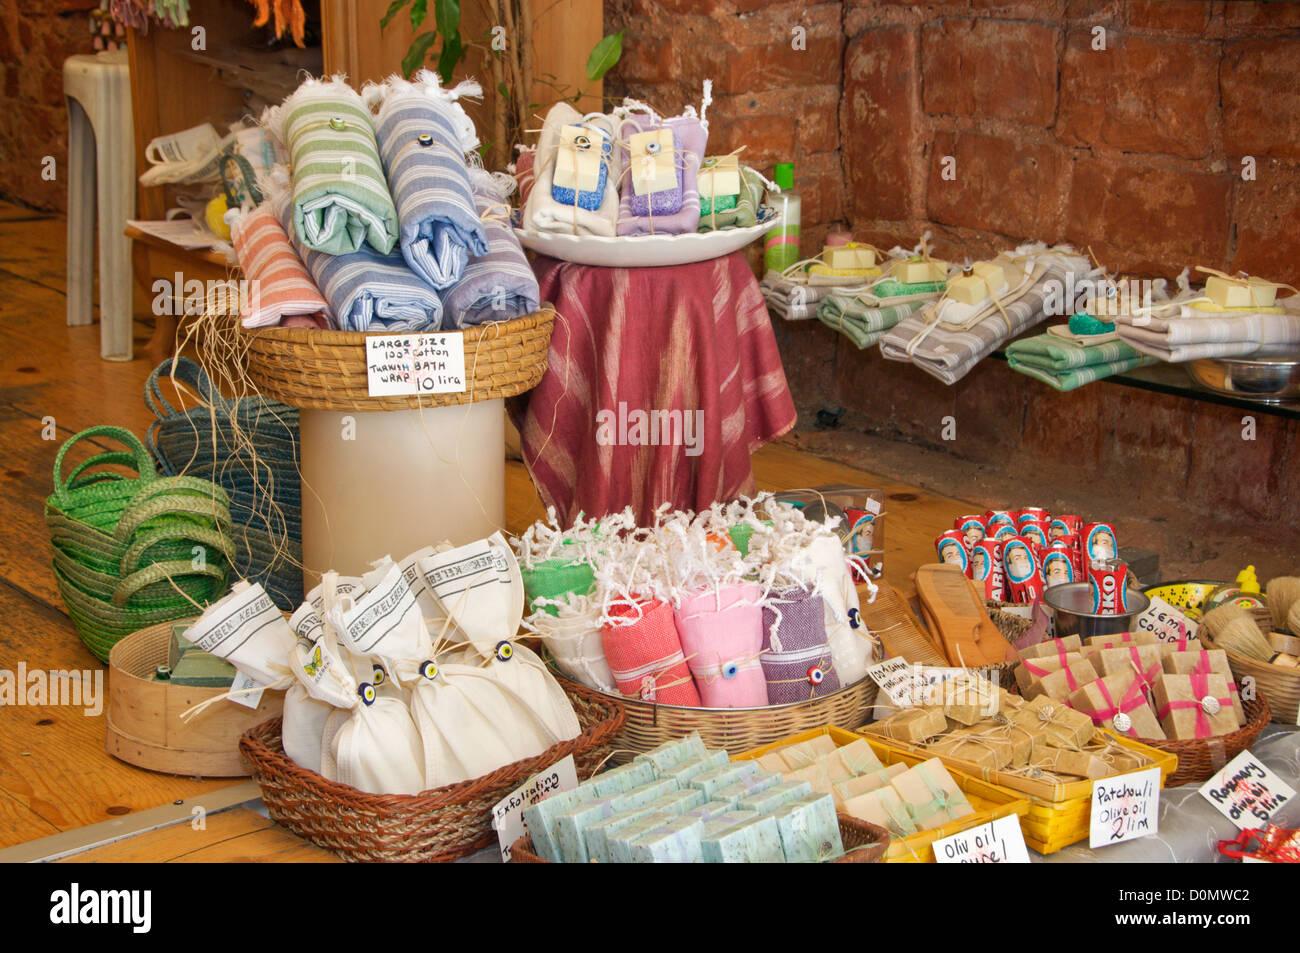 Bain turc traditionnel et textiles savons dans une boutique de cadeaux Istanbul Turquie Photo Stock